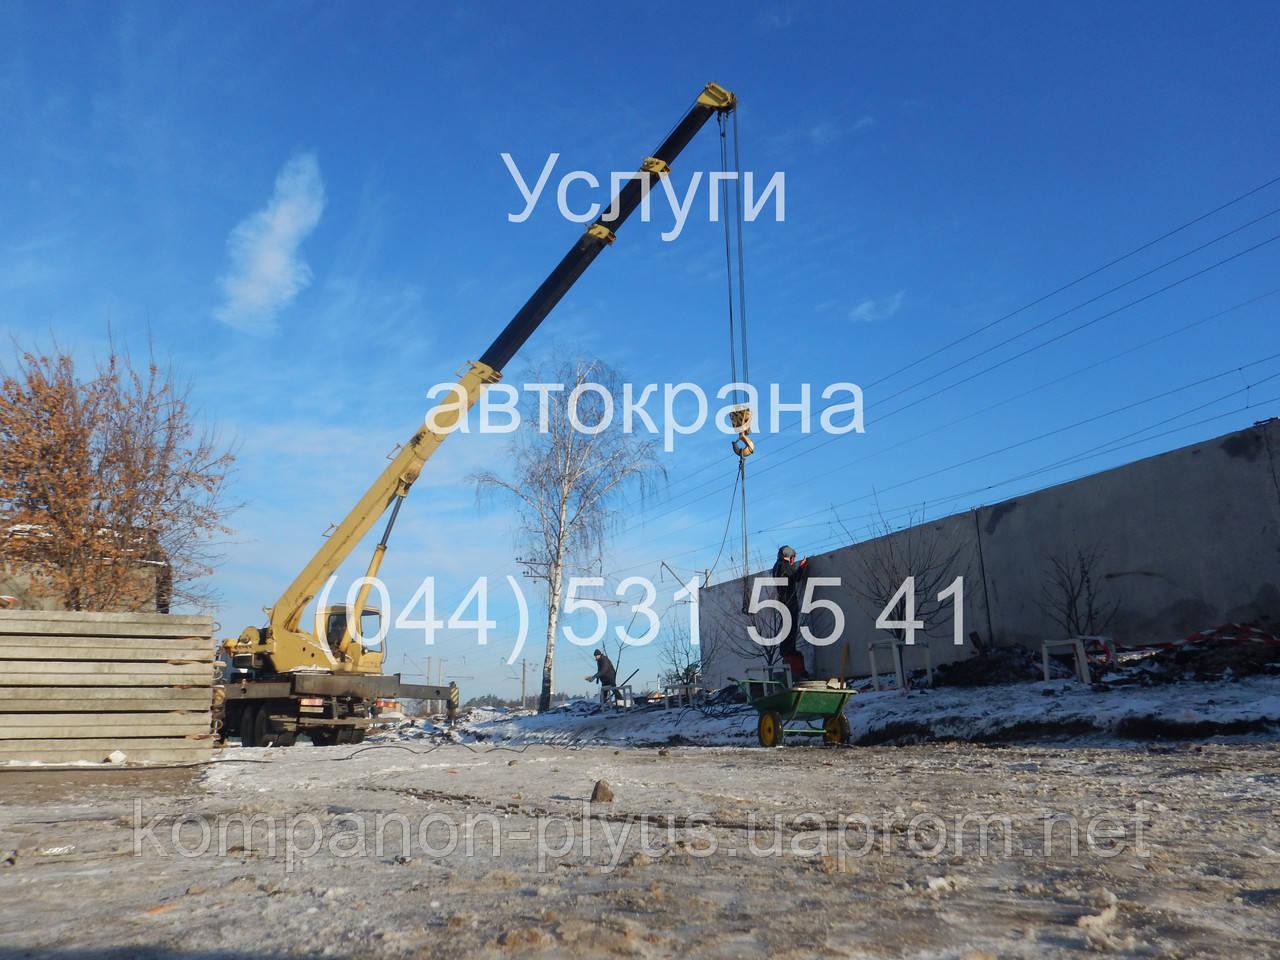 Услуги автокрана (067) 232 81 77